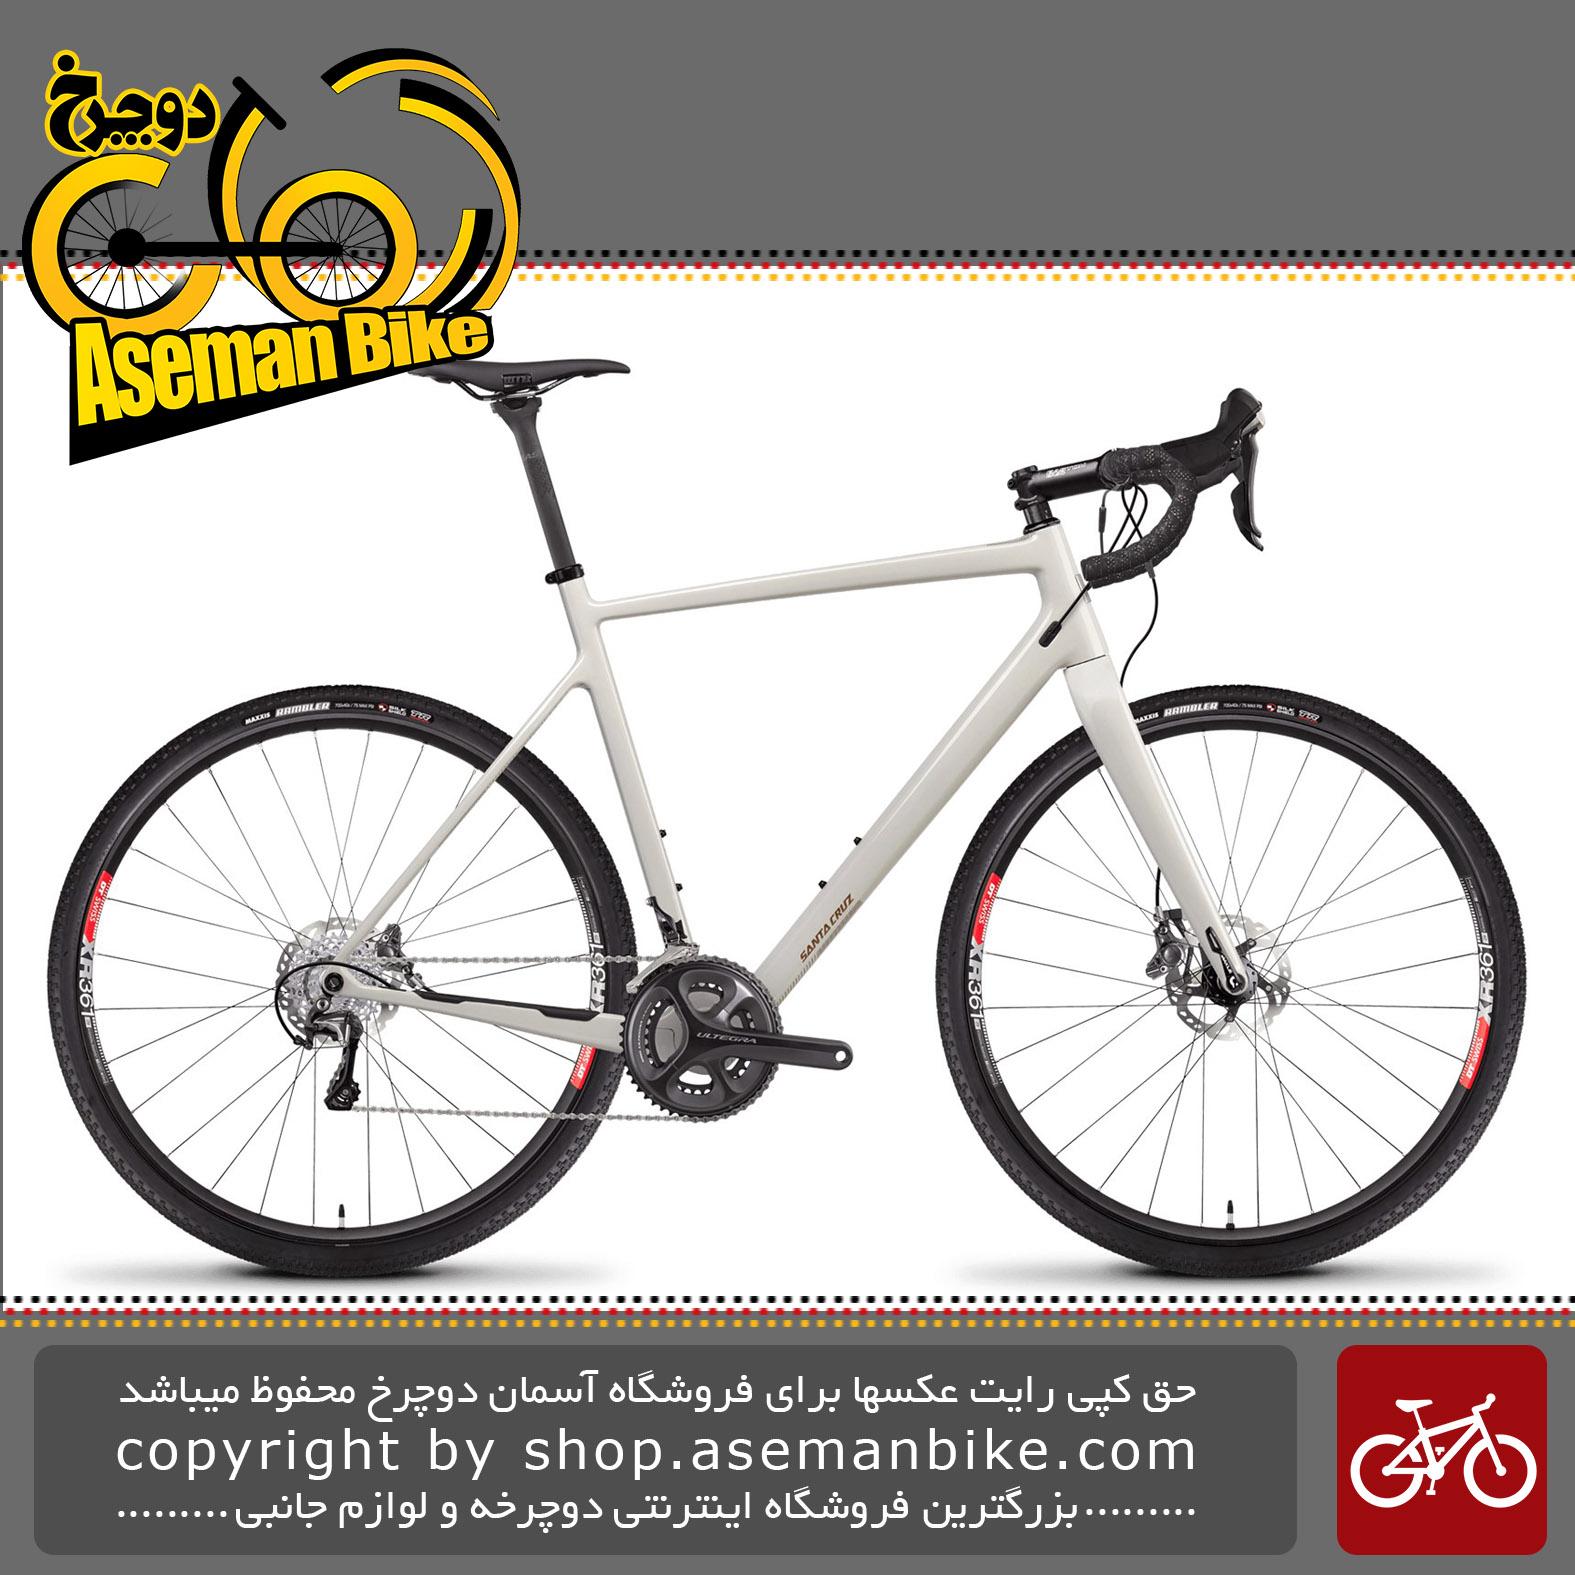 دوچرخه جاده سانتاکروز استیگماتا 2.1 کربن ست اولتگرا 2019 Santa Cruz STIGMATA 2.1 CARBON CC Ultegra Cyclocross/Gravel Bike - 2019